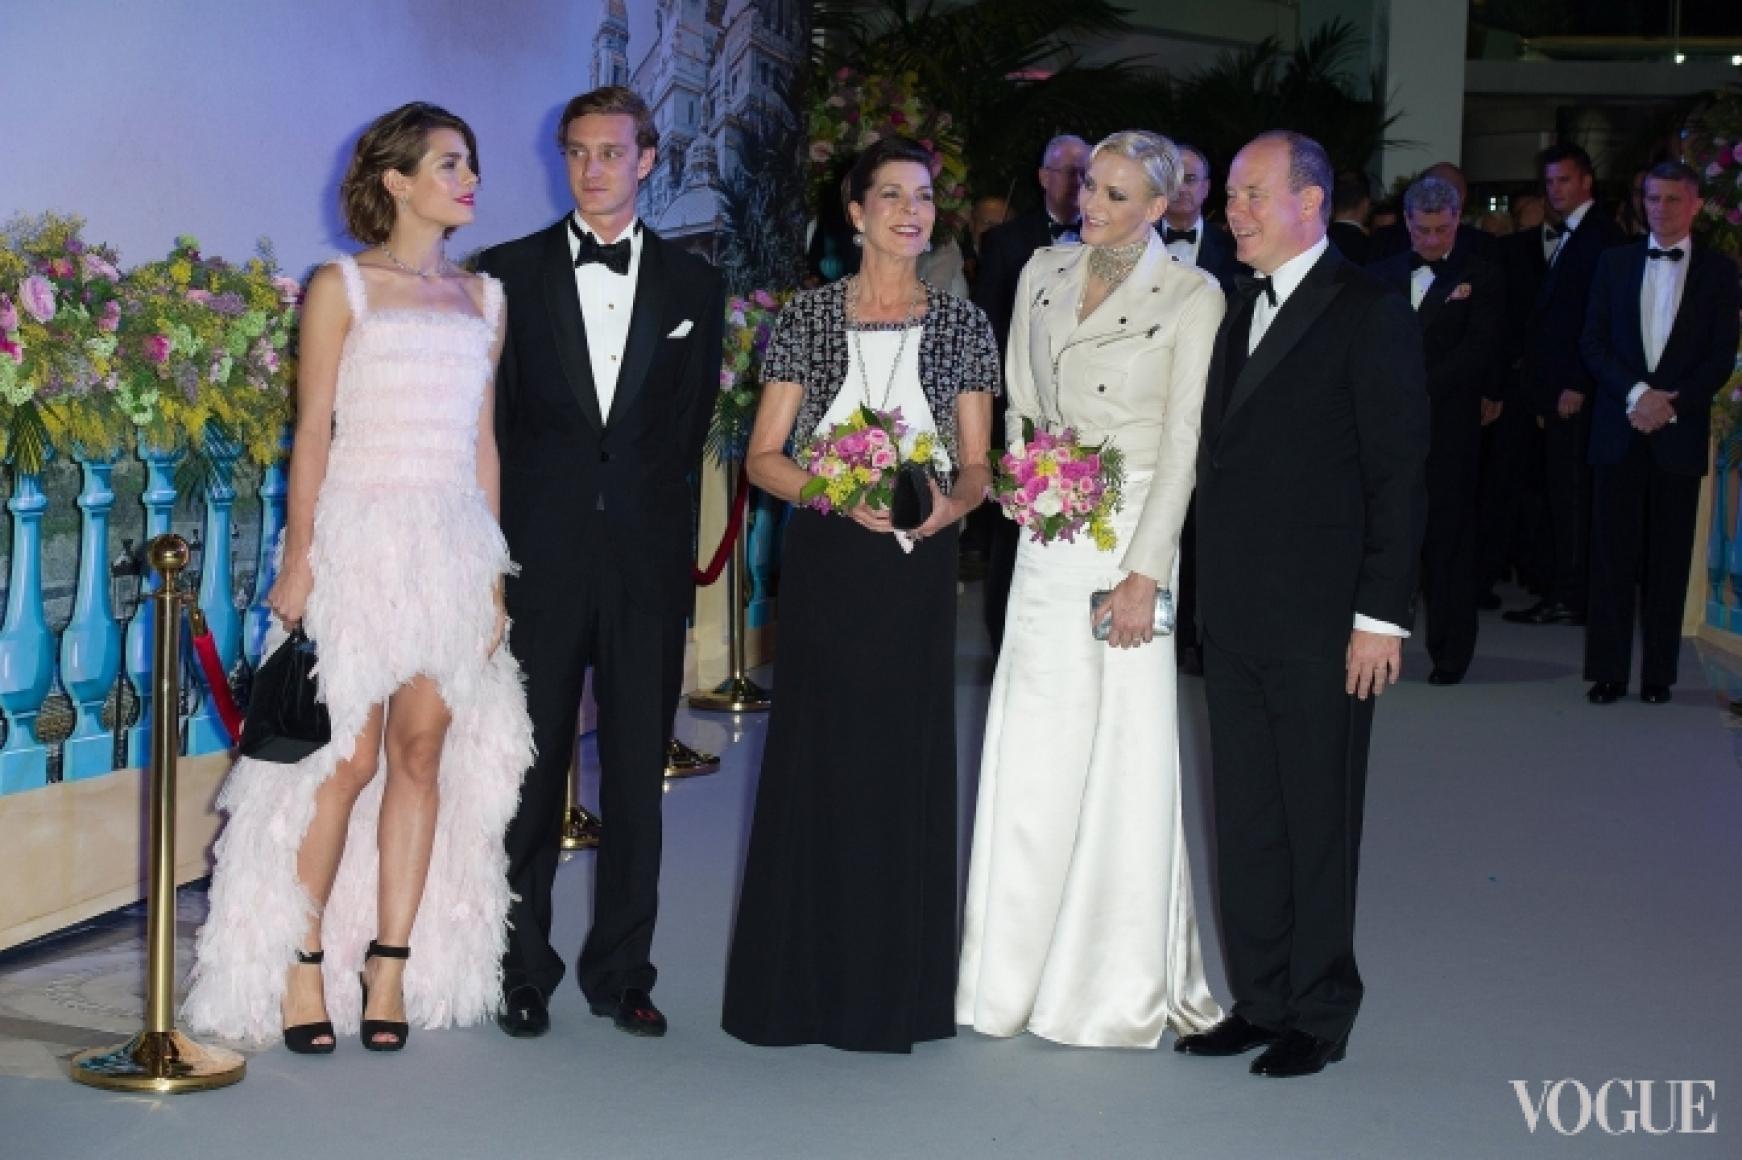 Шарлотта и Пьер Казираги, Принцесса Каролина Ганноверская, Шарлин Уиттсток, Принц Альберт